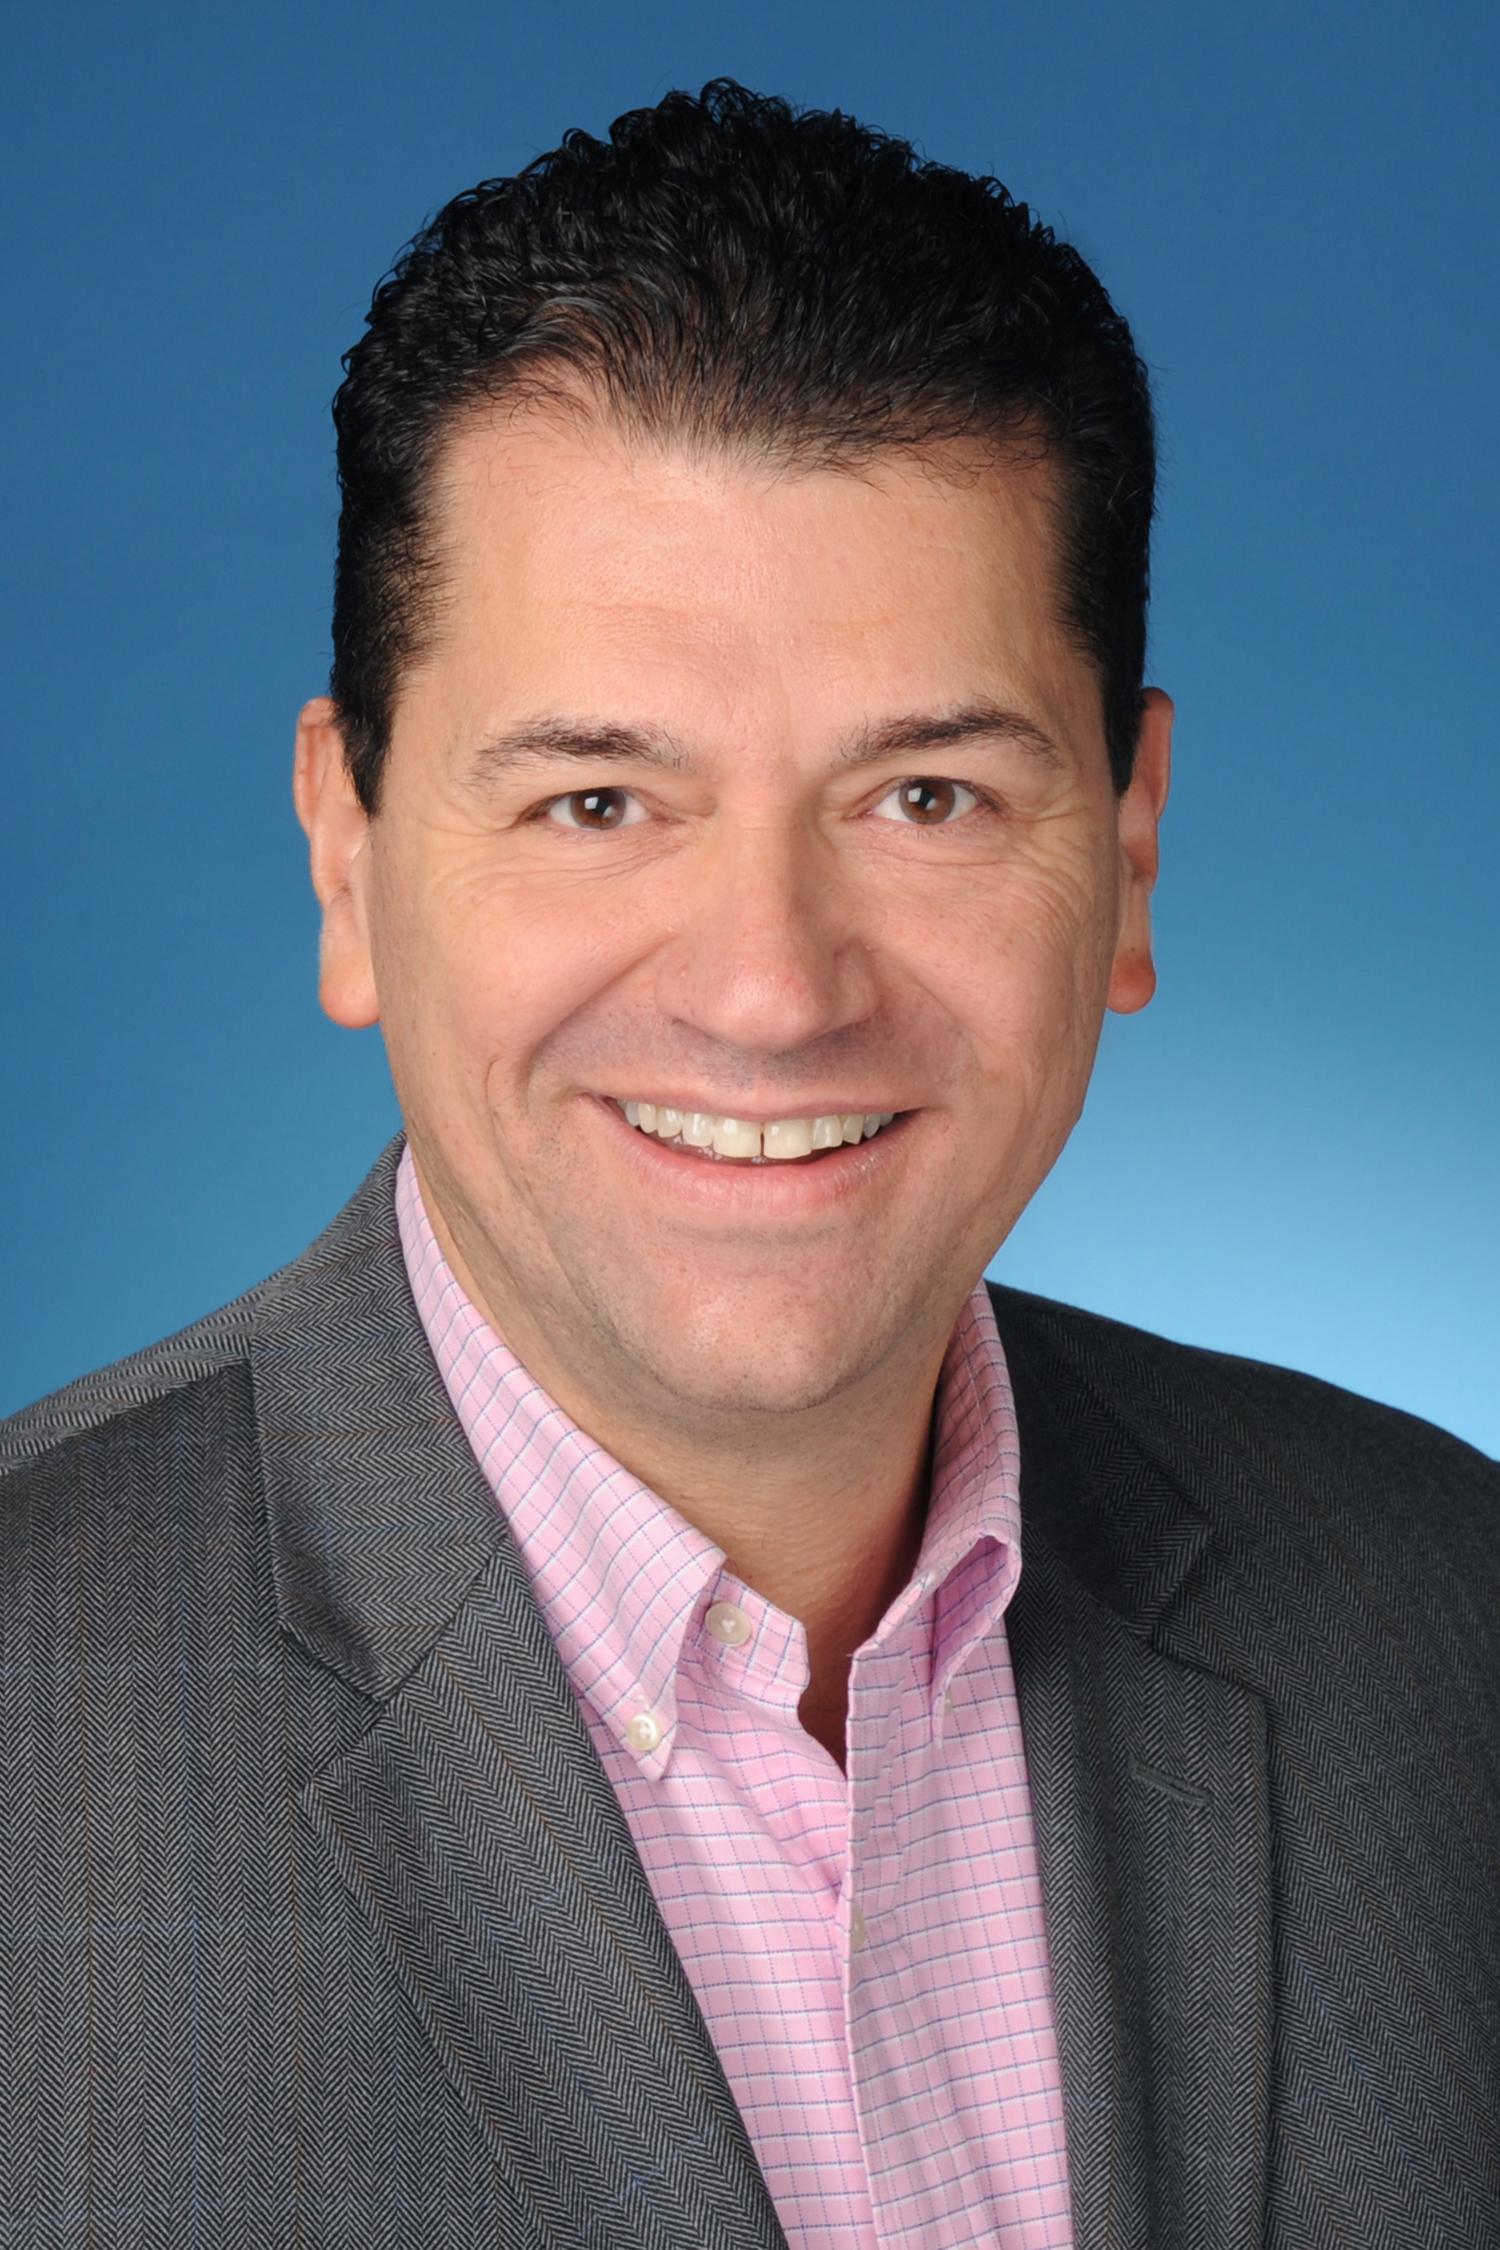 Jim Piccione